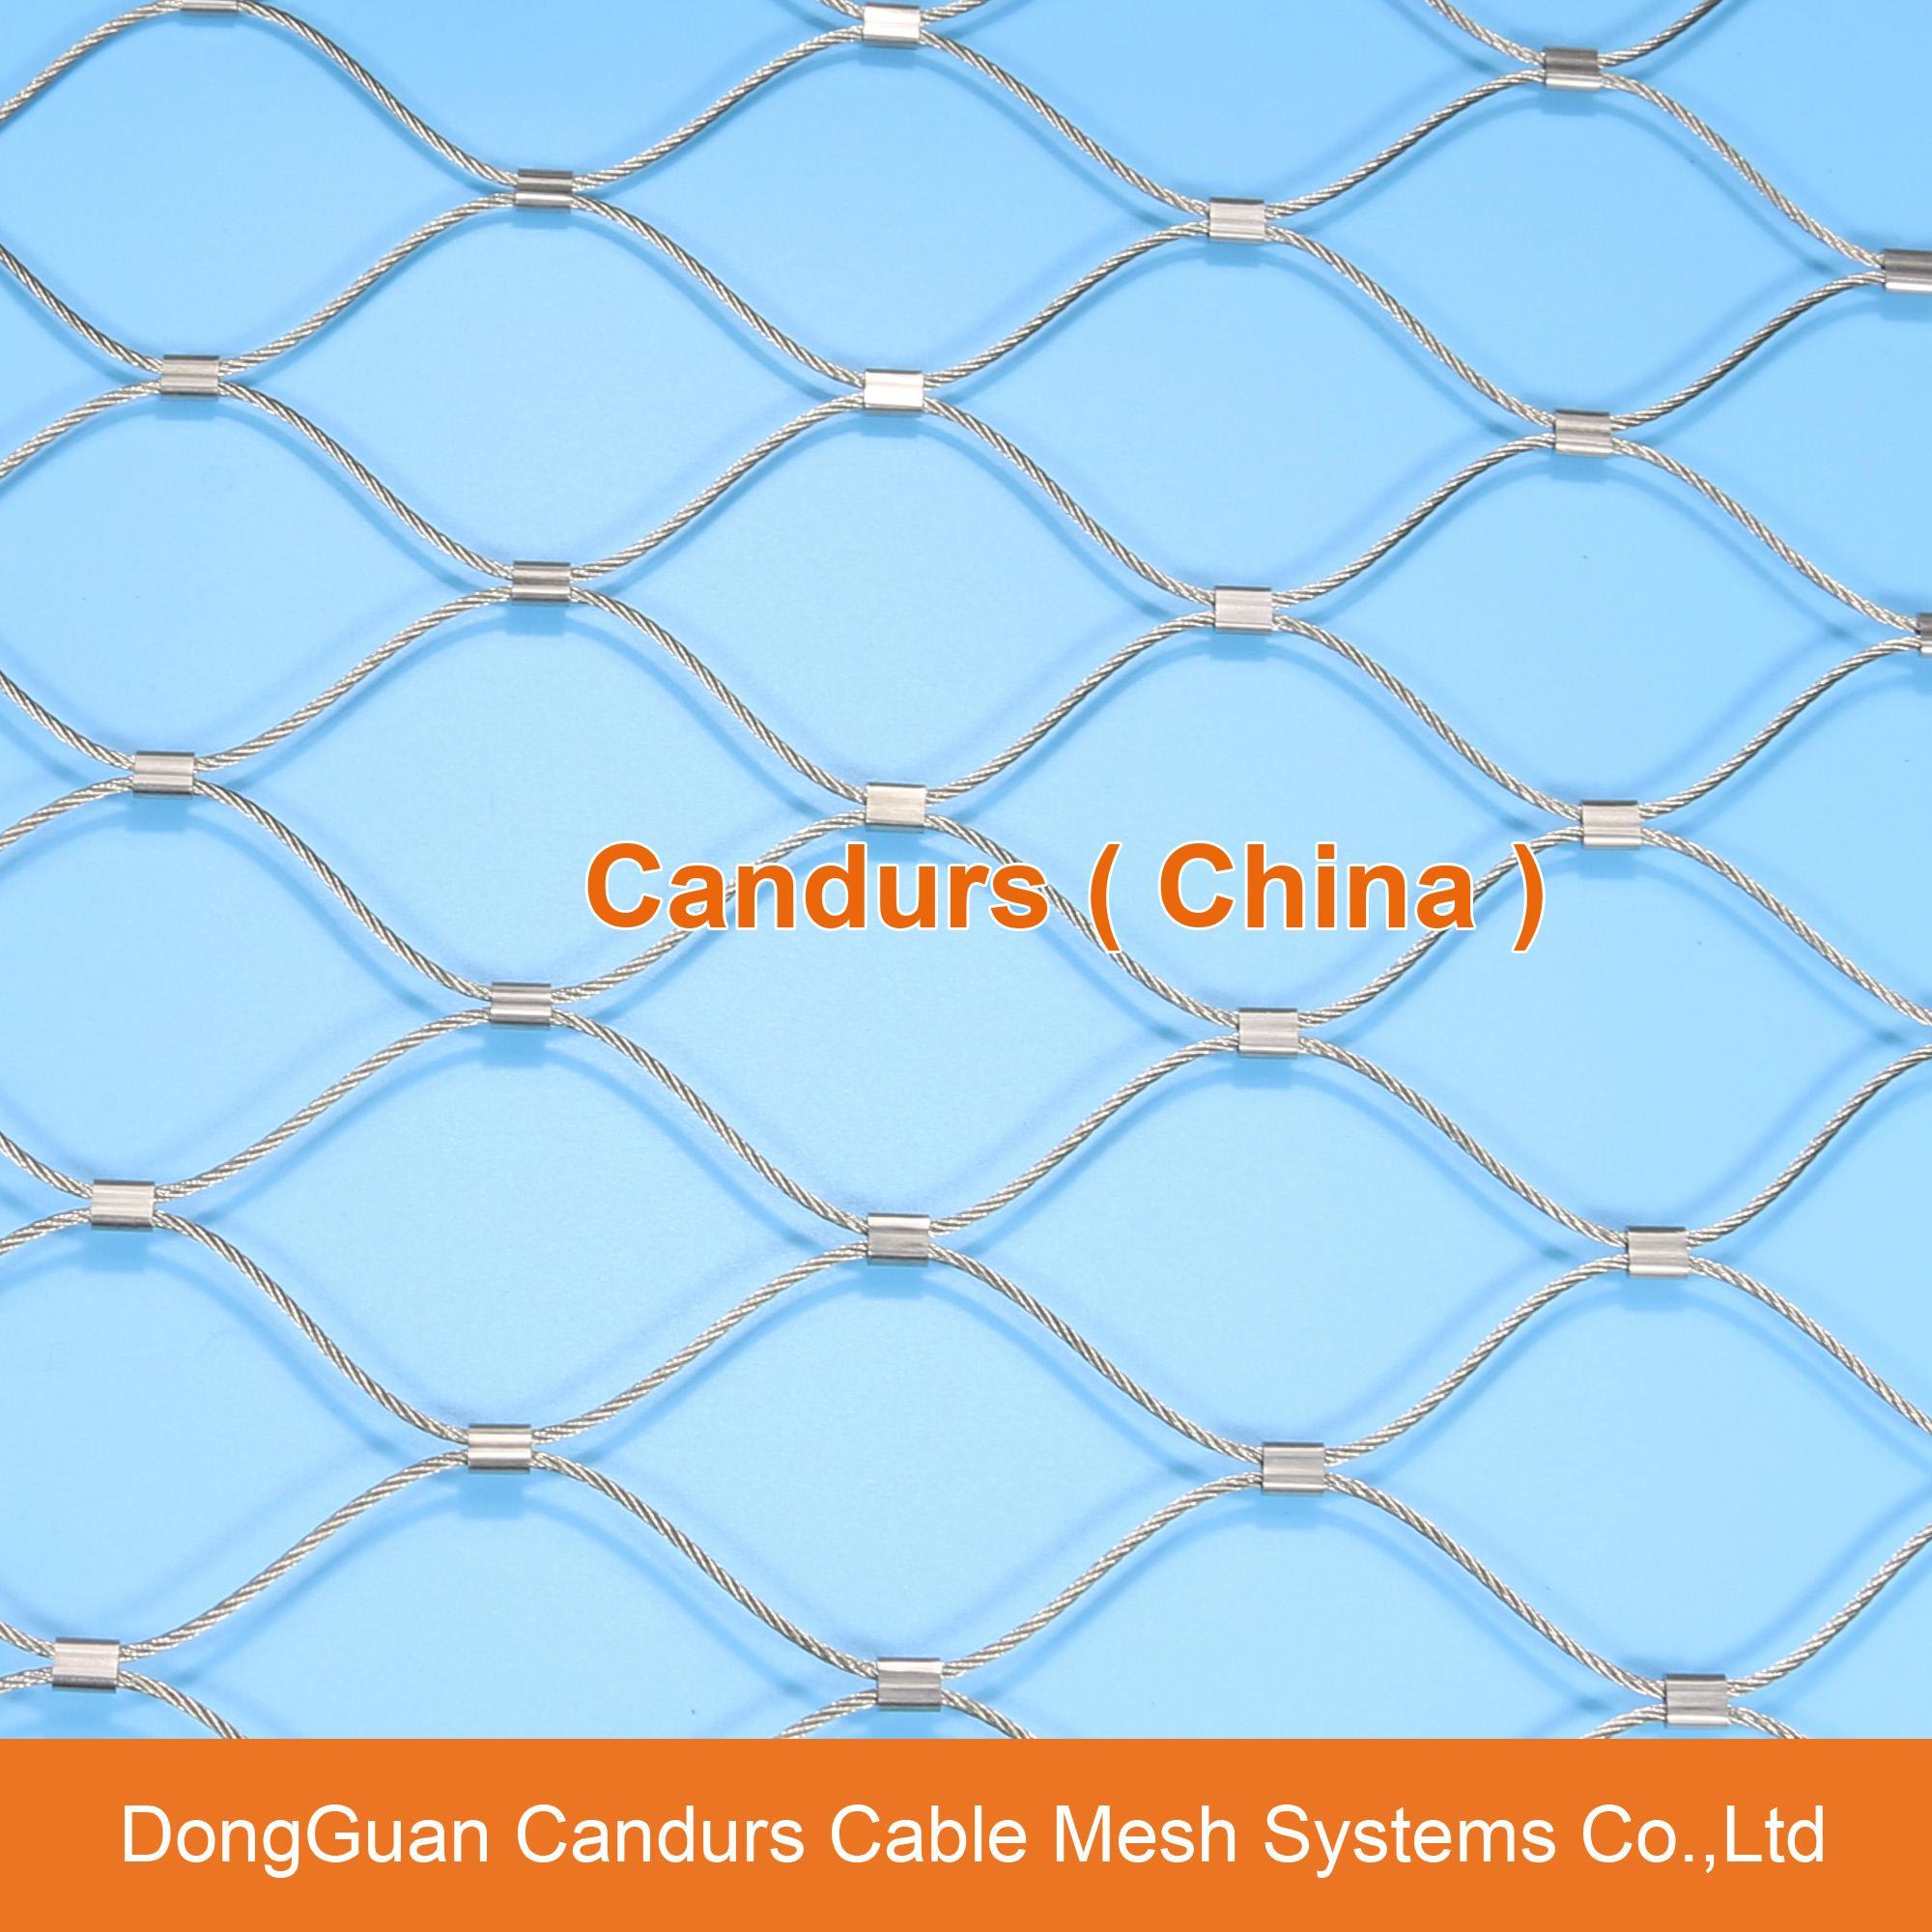 不锈钢绳建筑柔性防护网 16